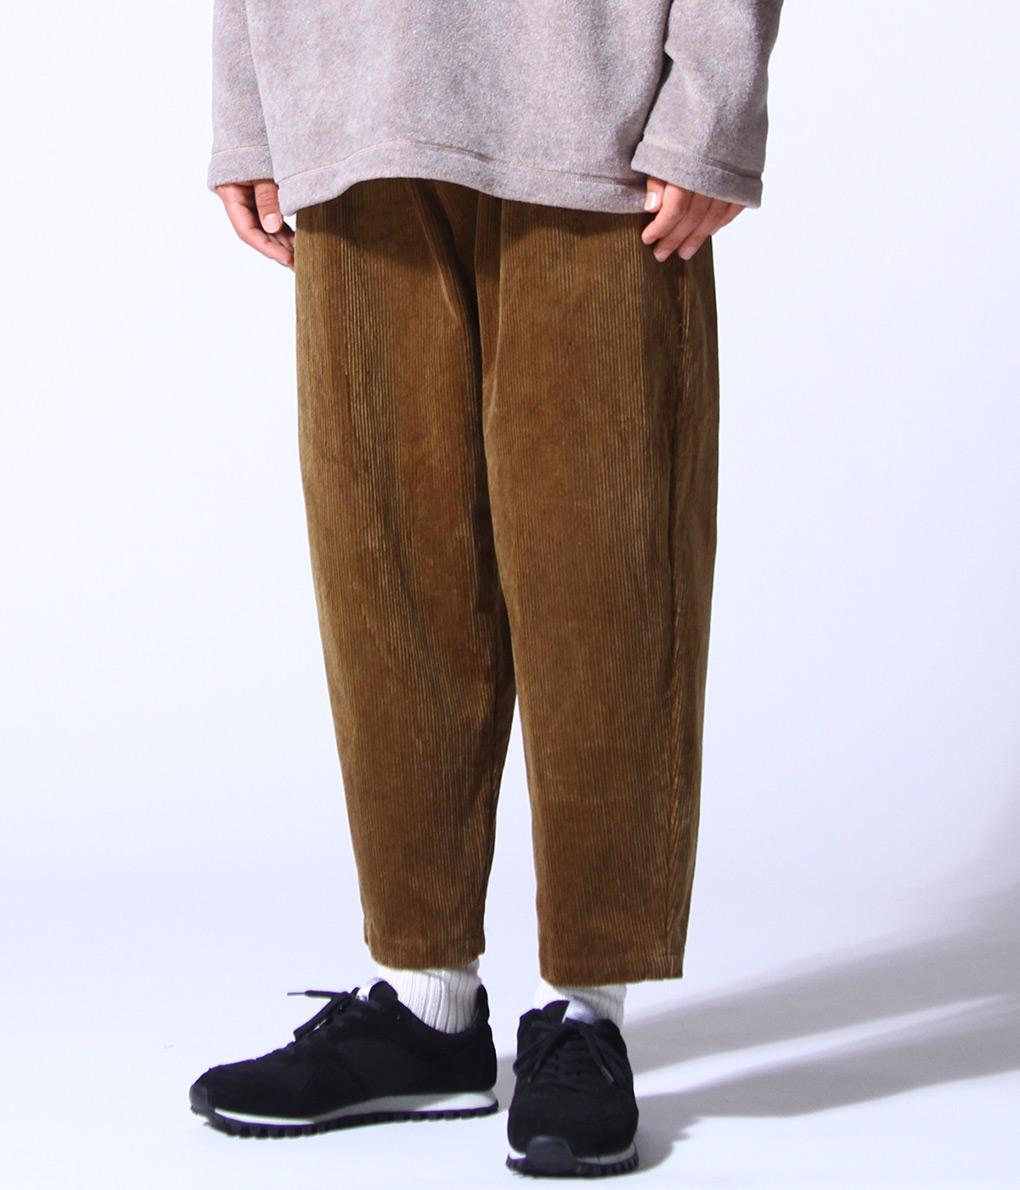 GOLD 東洋エンタープライズ / ゴールド : CORDUROY 1TUCK PANTS / 全2色 : コーデュロイ ワンタック パンツ 東洋 TOYO トーヨー トーヨーエンタープライズ : GL41771 【MUS】【WIS】